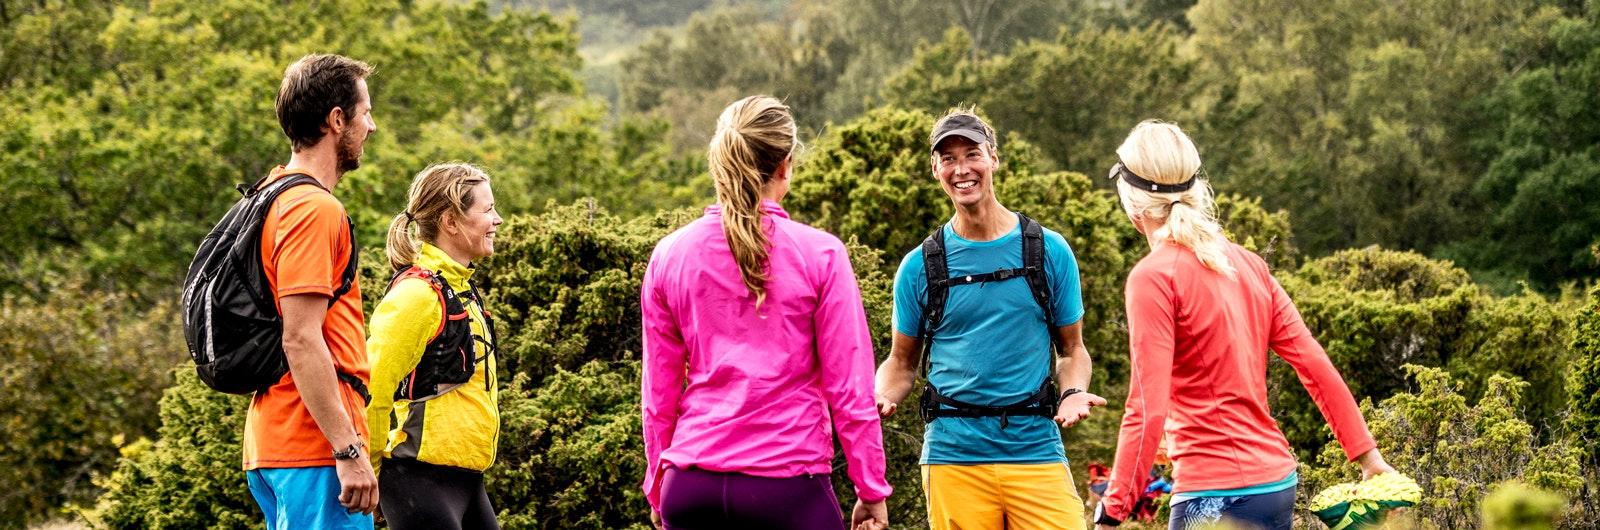 Fem löpare i färgglada kläder pratar